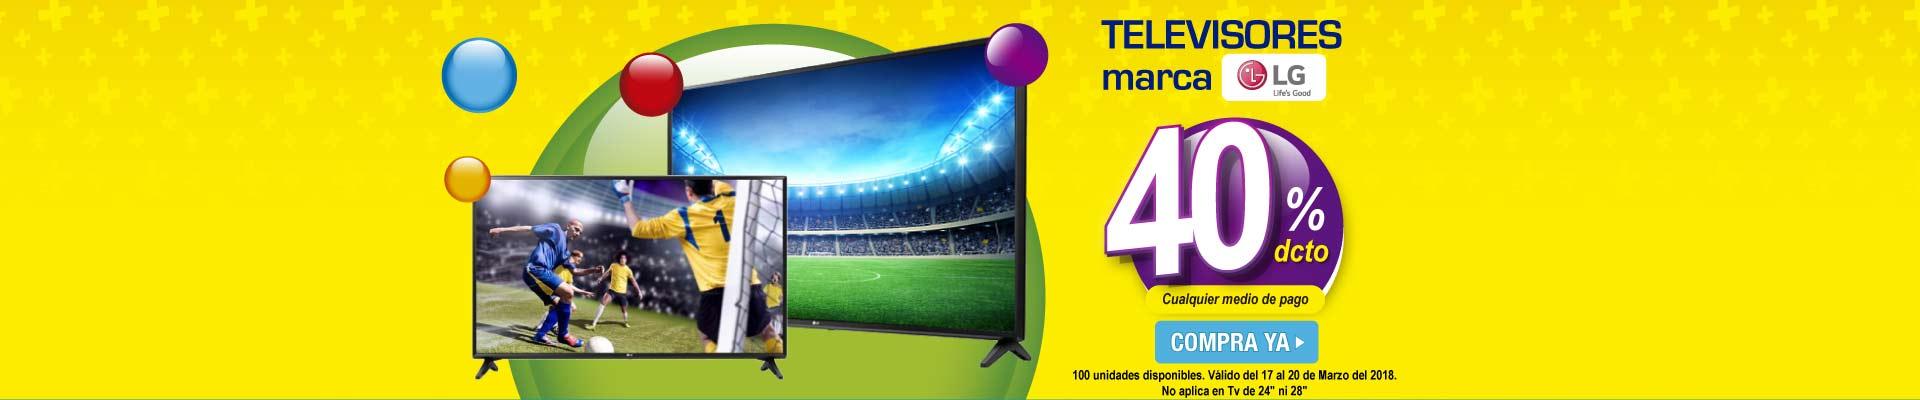 PPAL ALKP-1-TV-40 Dto. televisores LG-prod-Marzo17-20